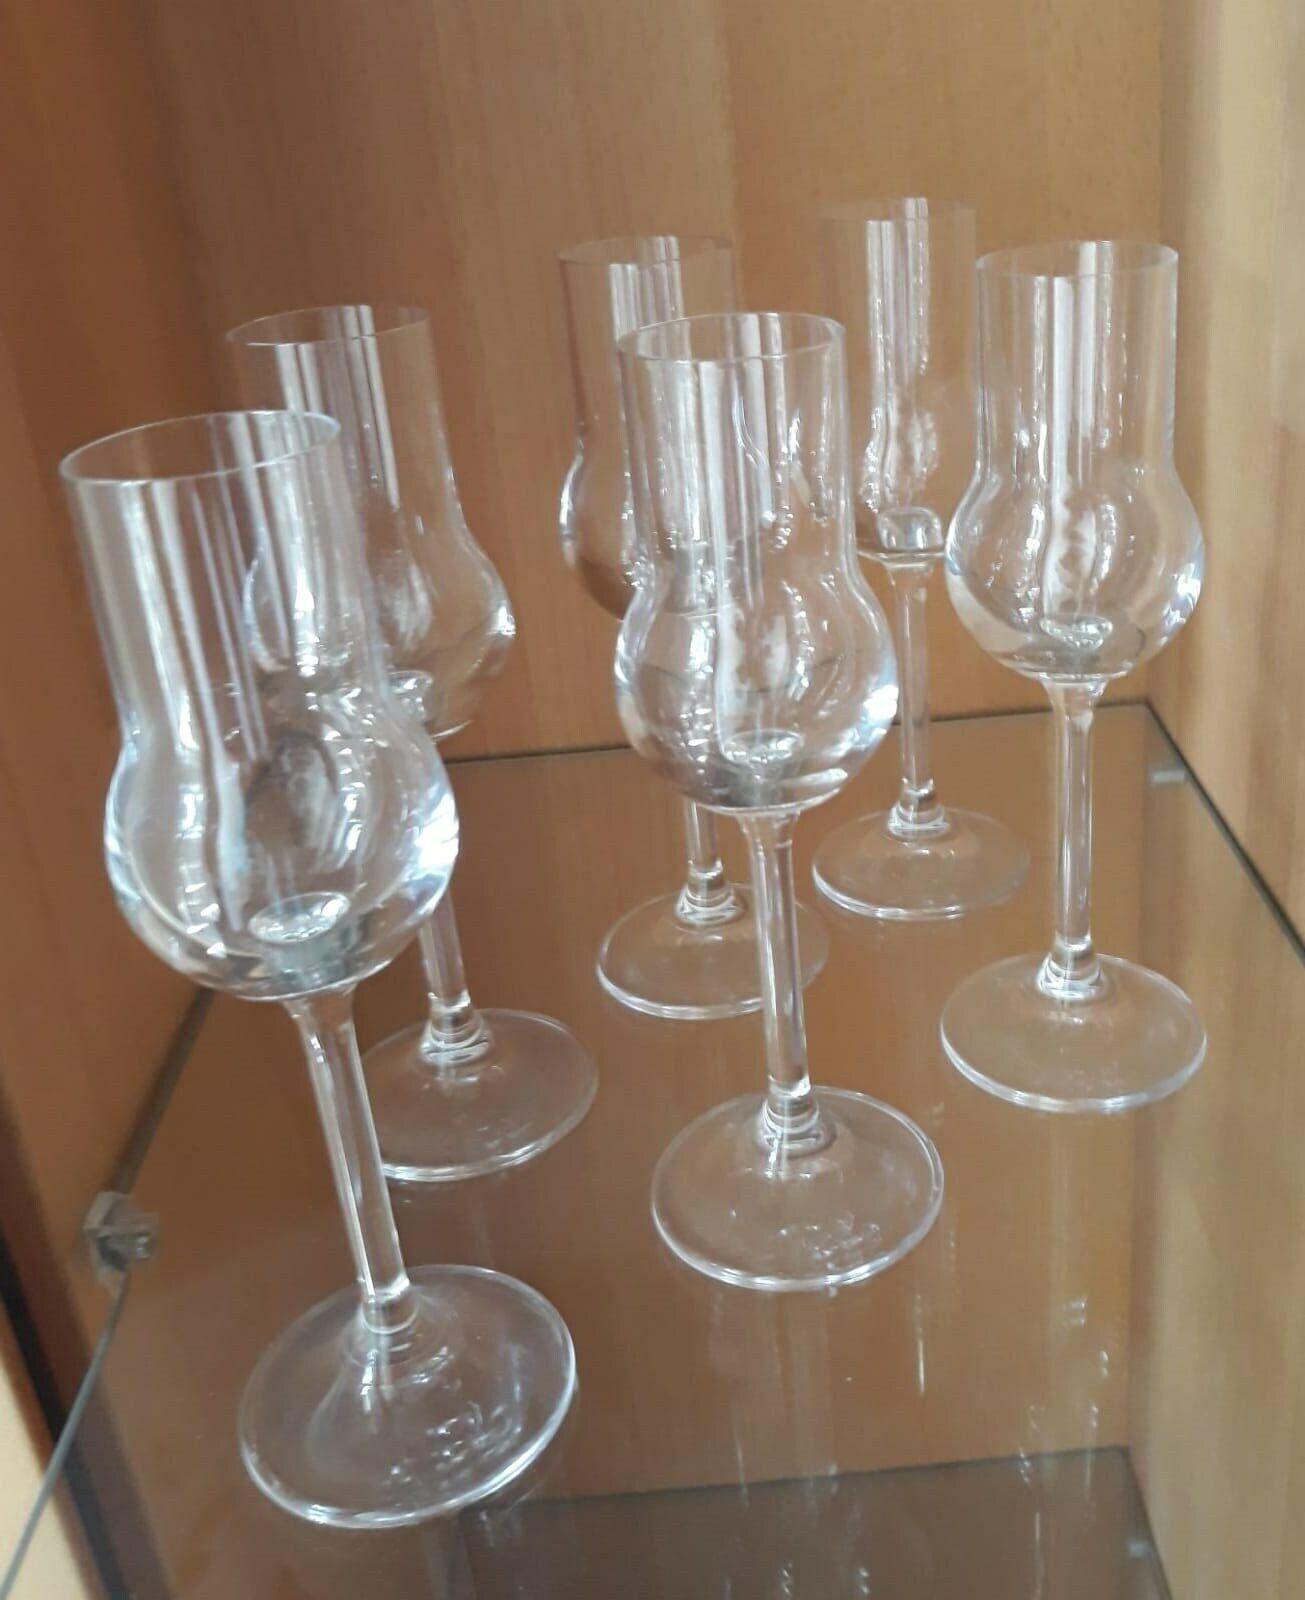 6 Grappagläser Glas Stielfast nie benutzt Höhe ca16,5cm aus 80er od. 90er